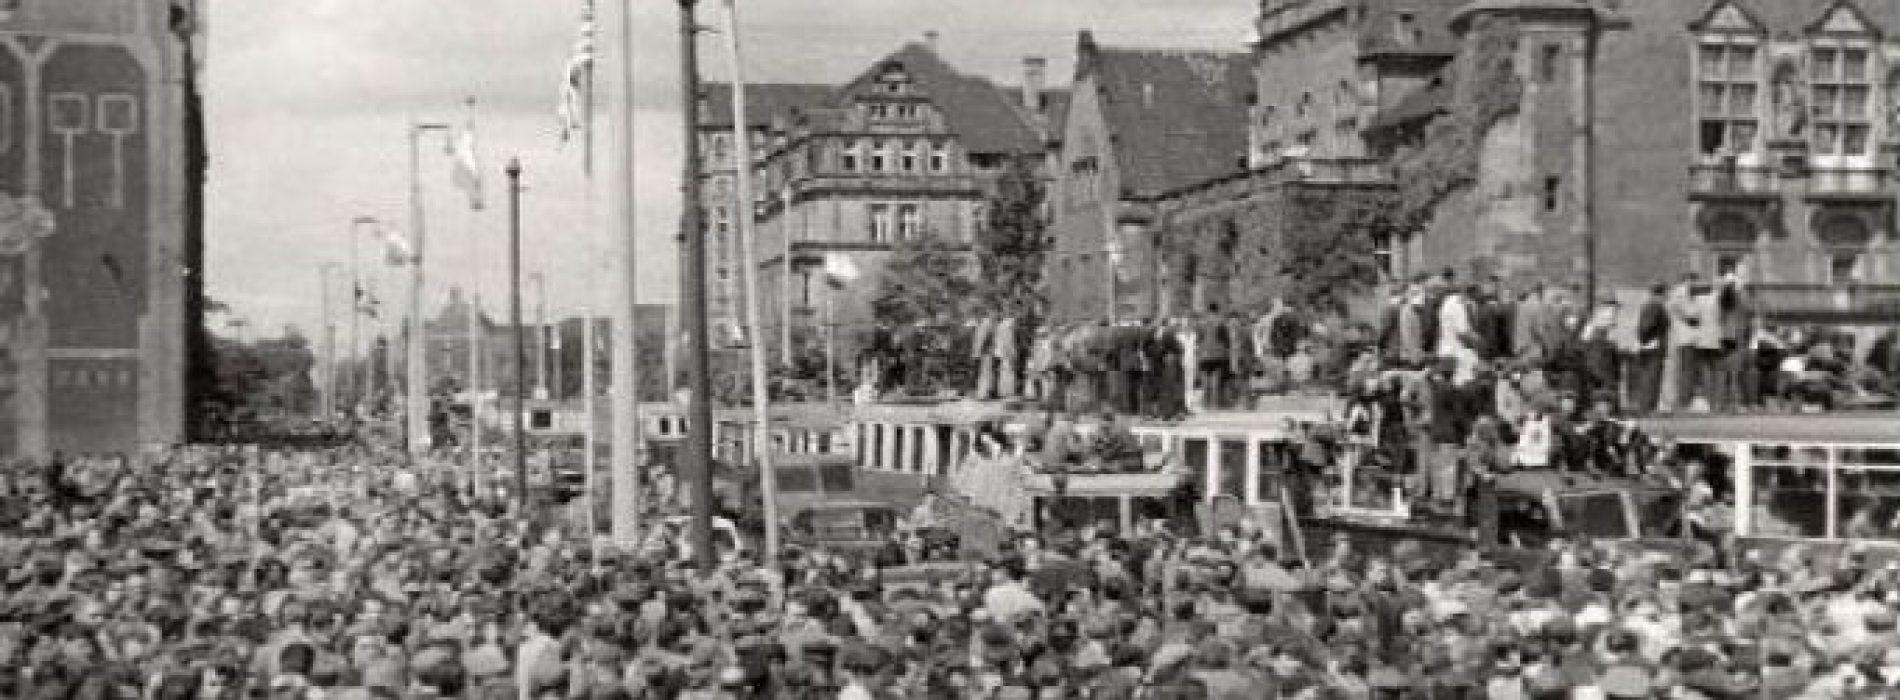 Czas wyjątkowych emocji – trwają obchody Poznańskiego Czerwca 1956 r. (aktualizacja)